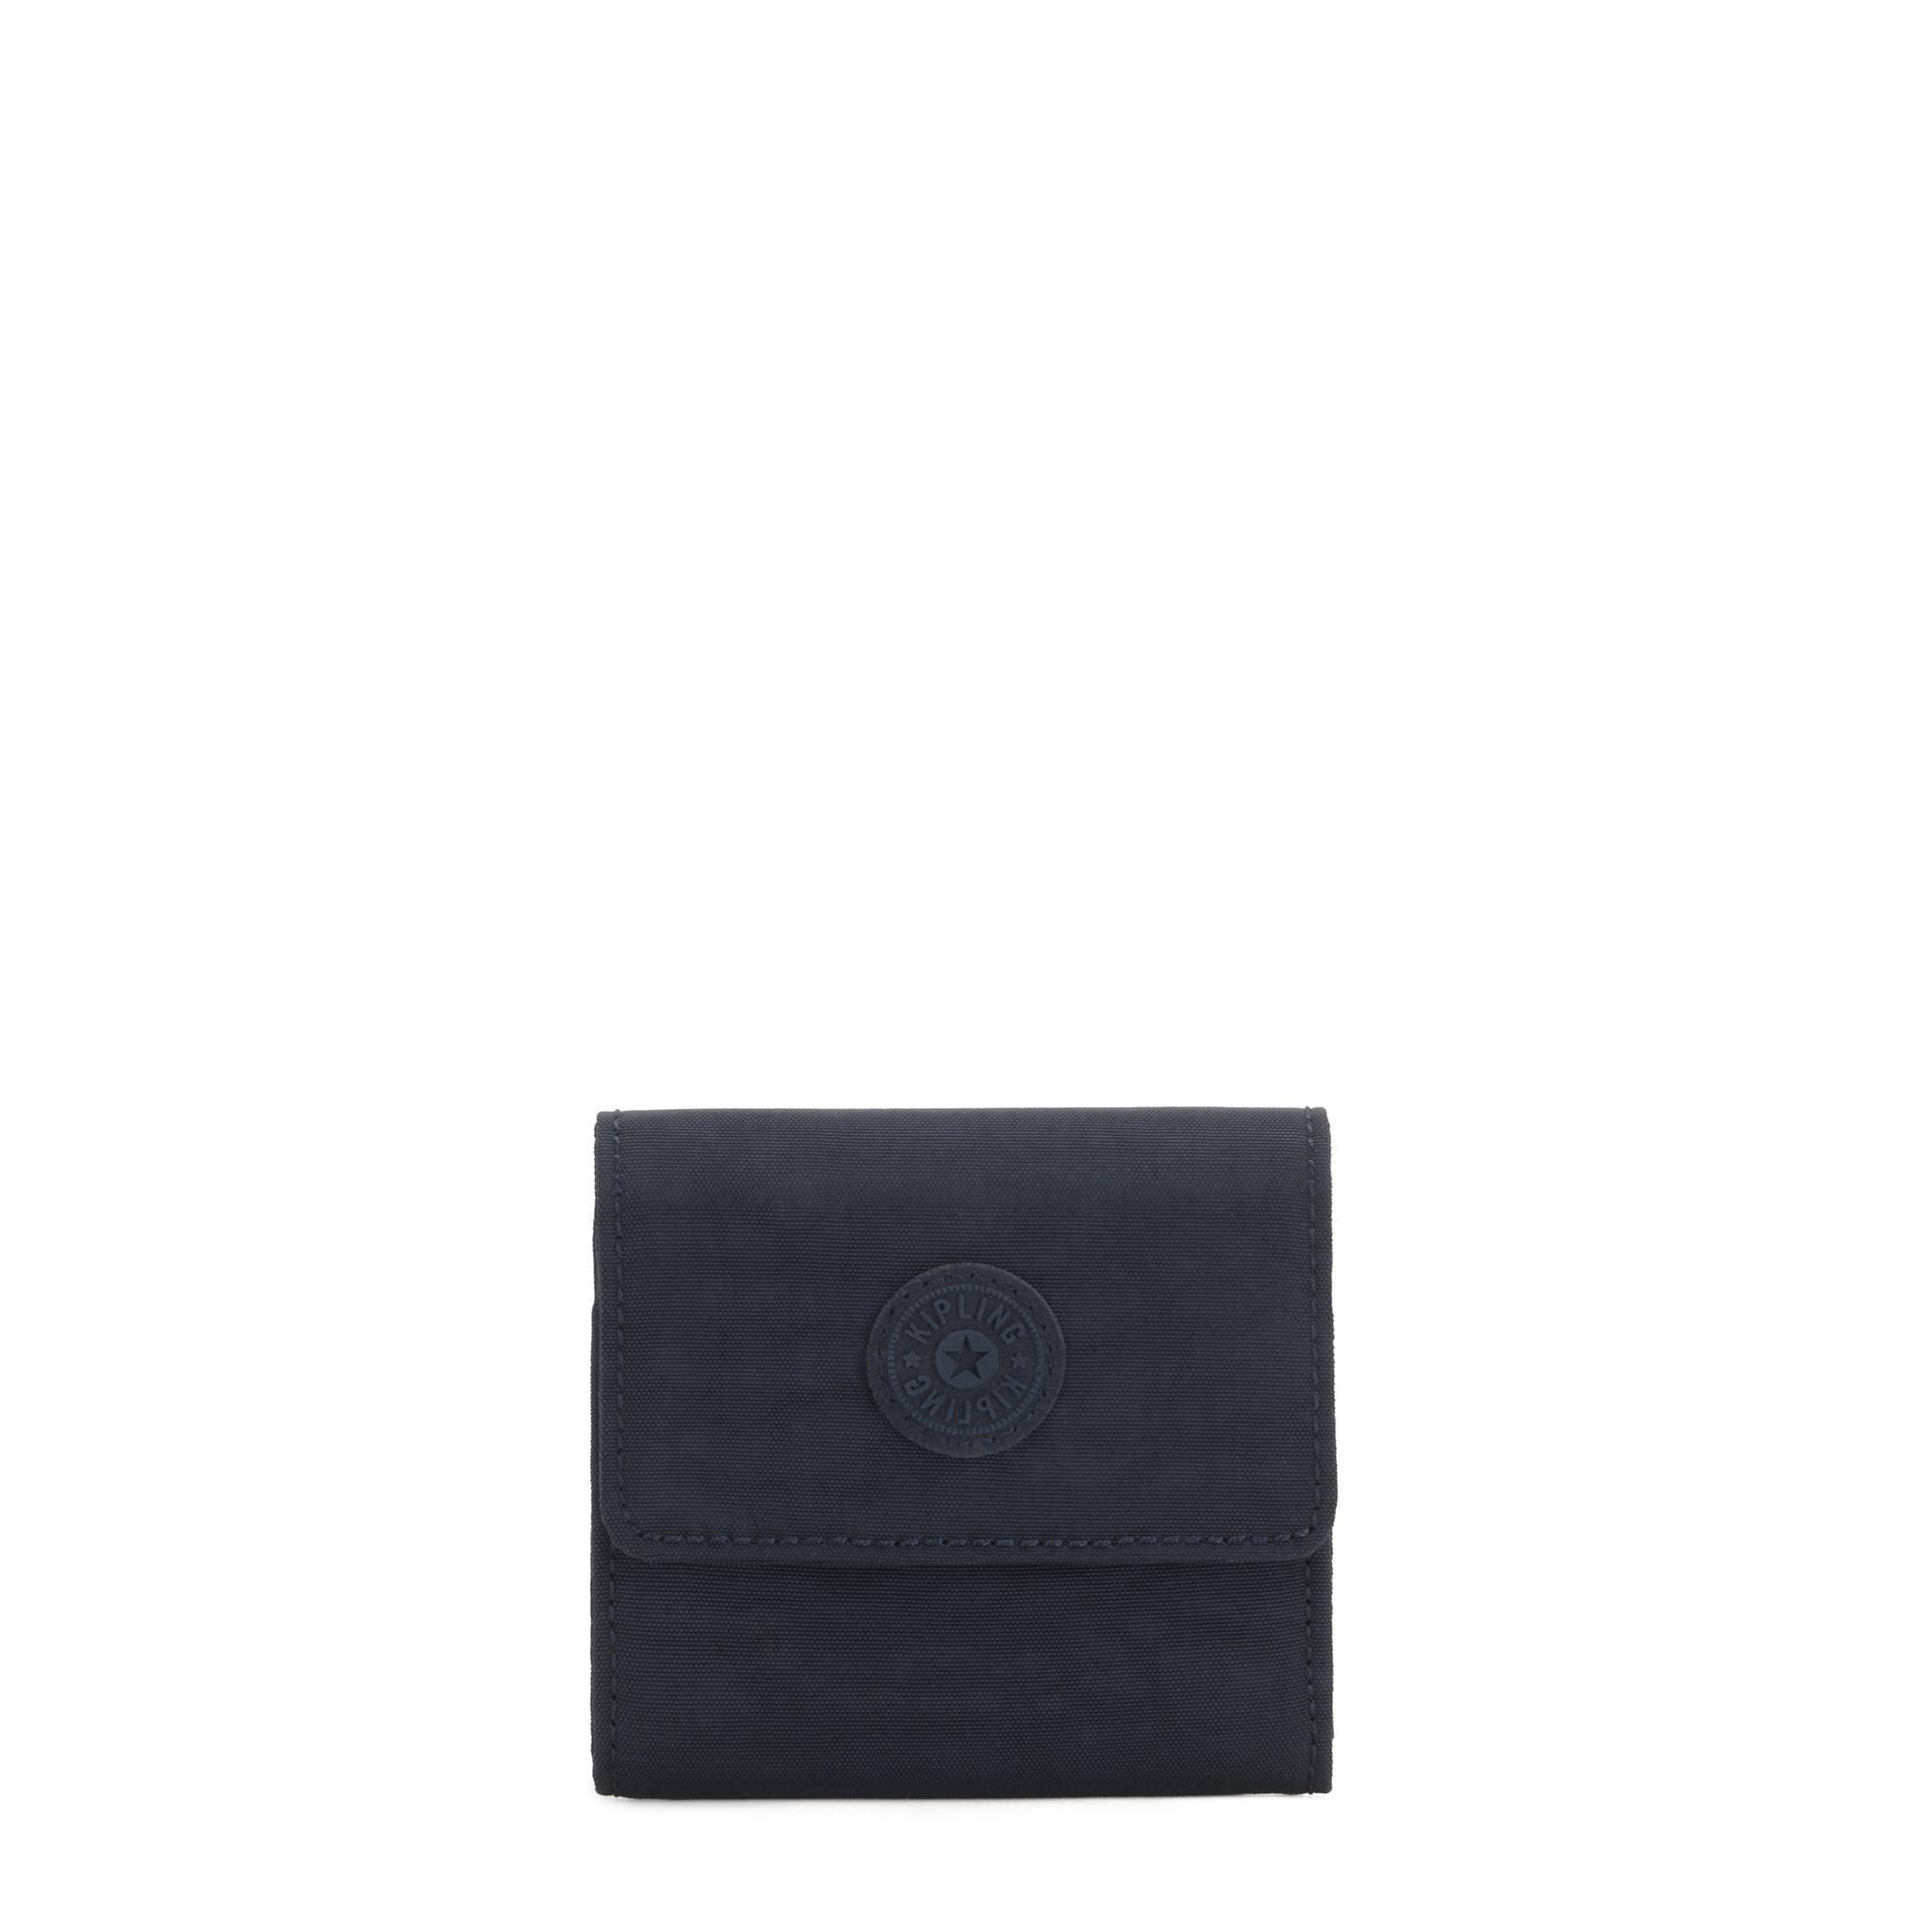 1c5f13d3631 Kipling Cece Metallic Small Wallet | eBay